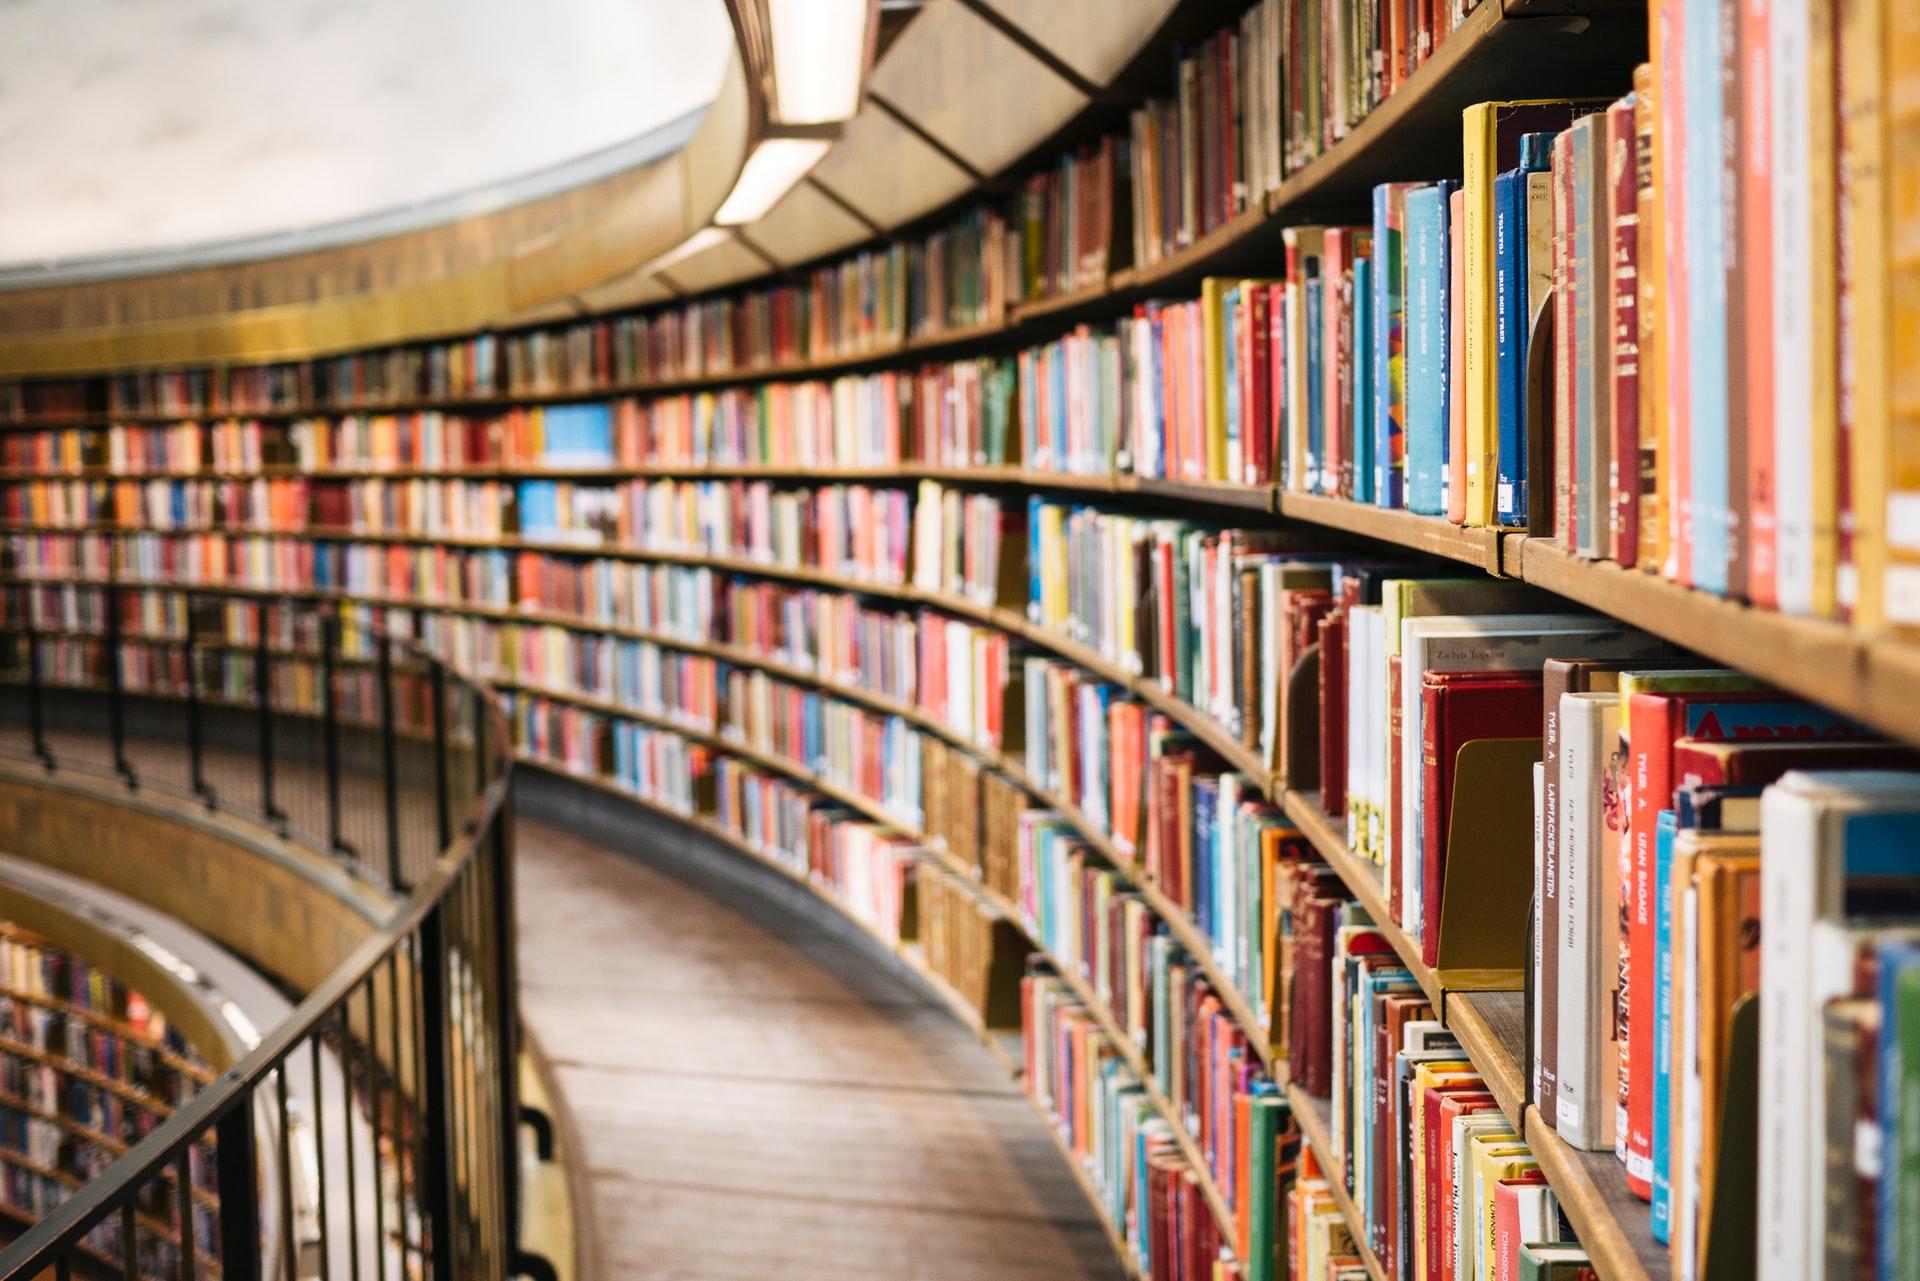 Franța: Cărțile returnate bibilotecilor după izolare intră în carantină